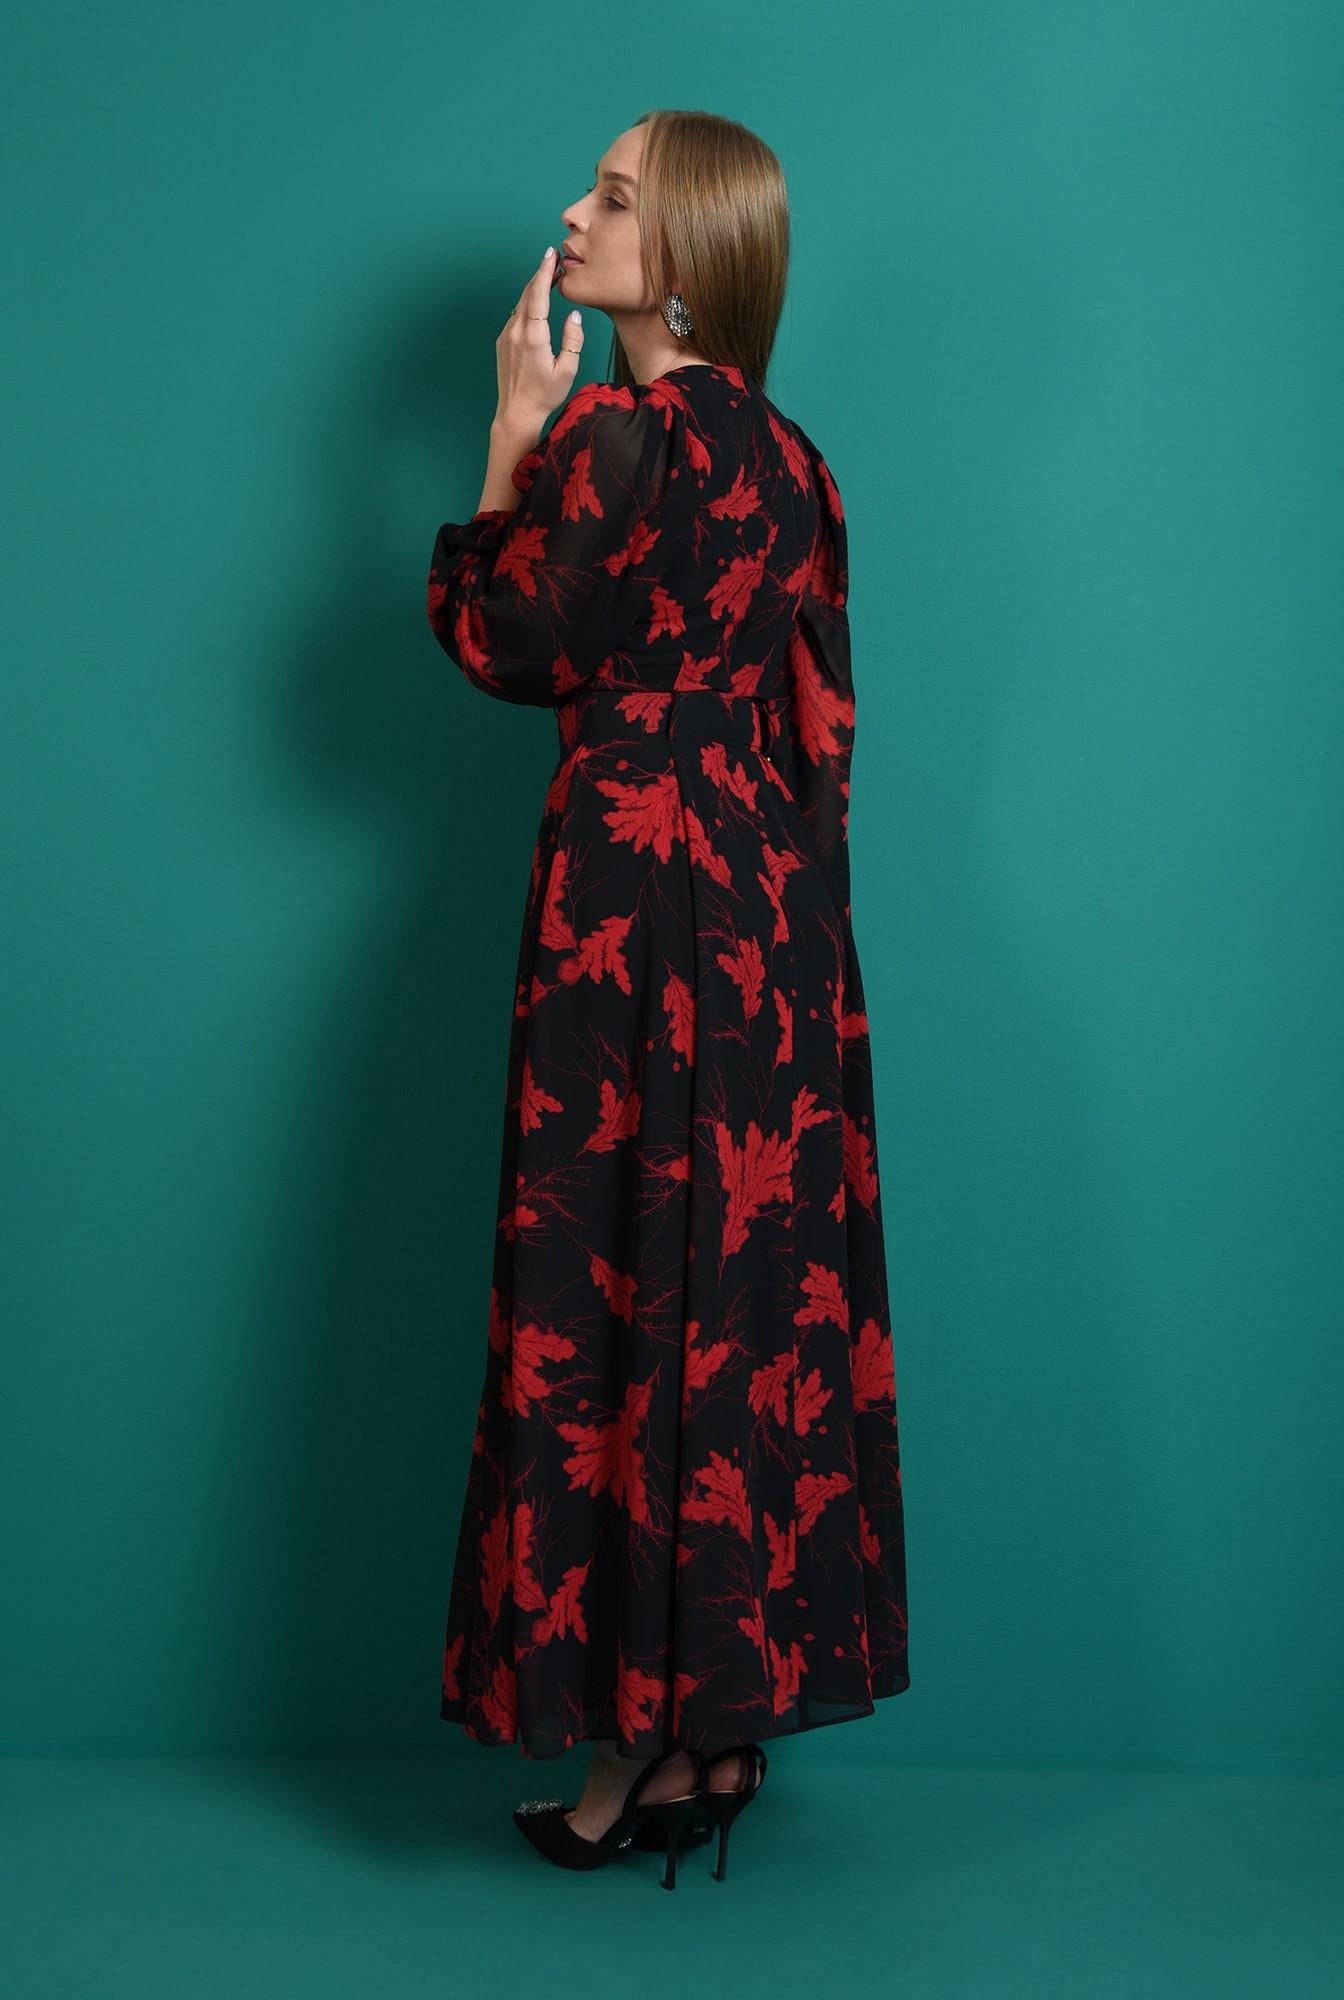 2 - rochie lunga, neagra, cu motive florale